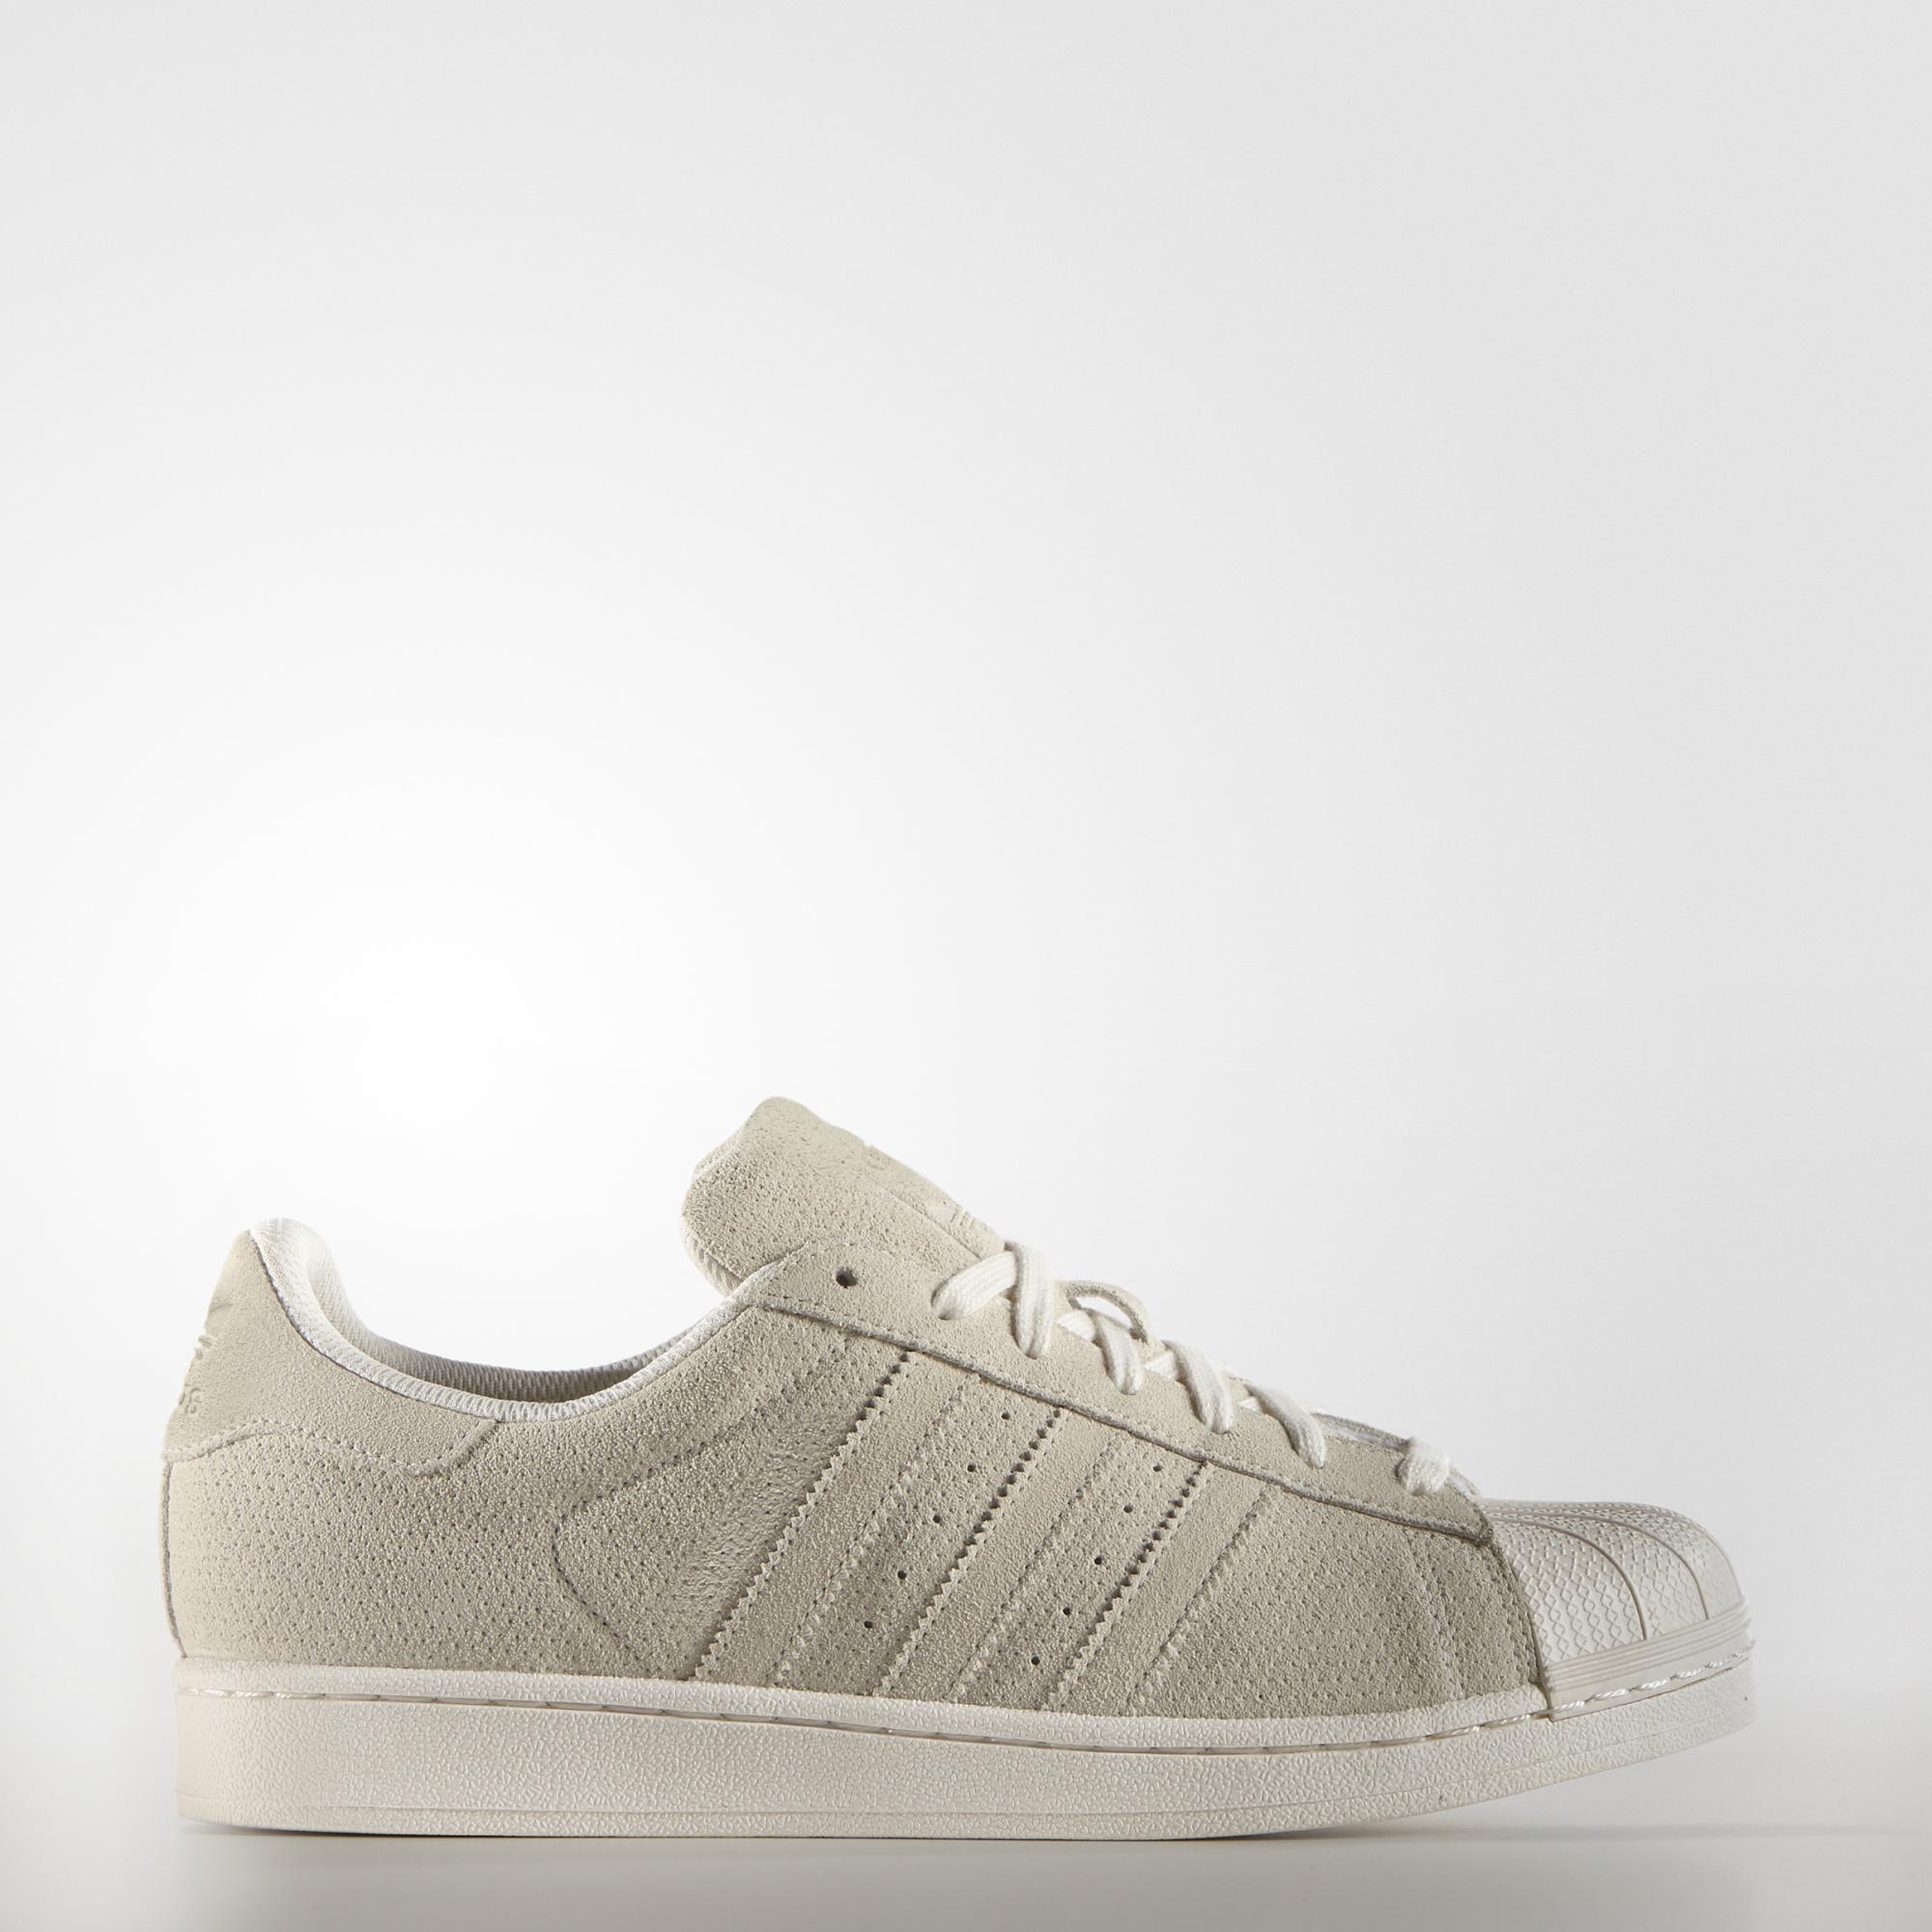 efd2128e6b94 sneakers